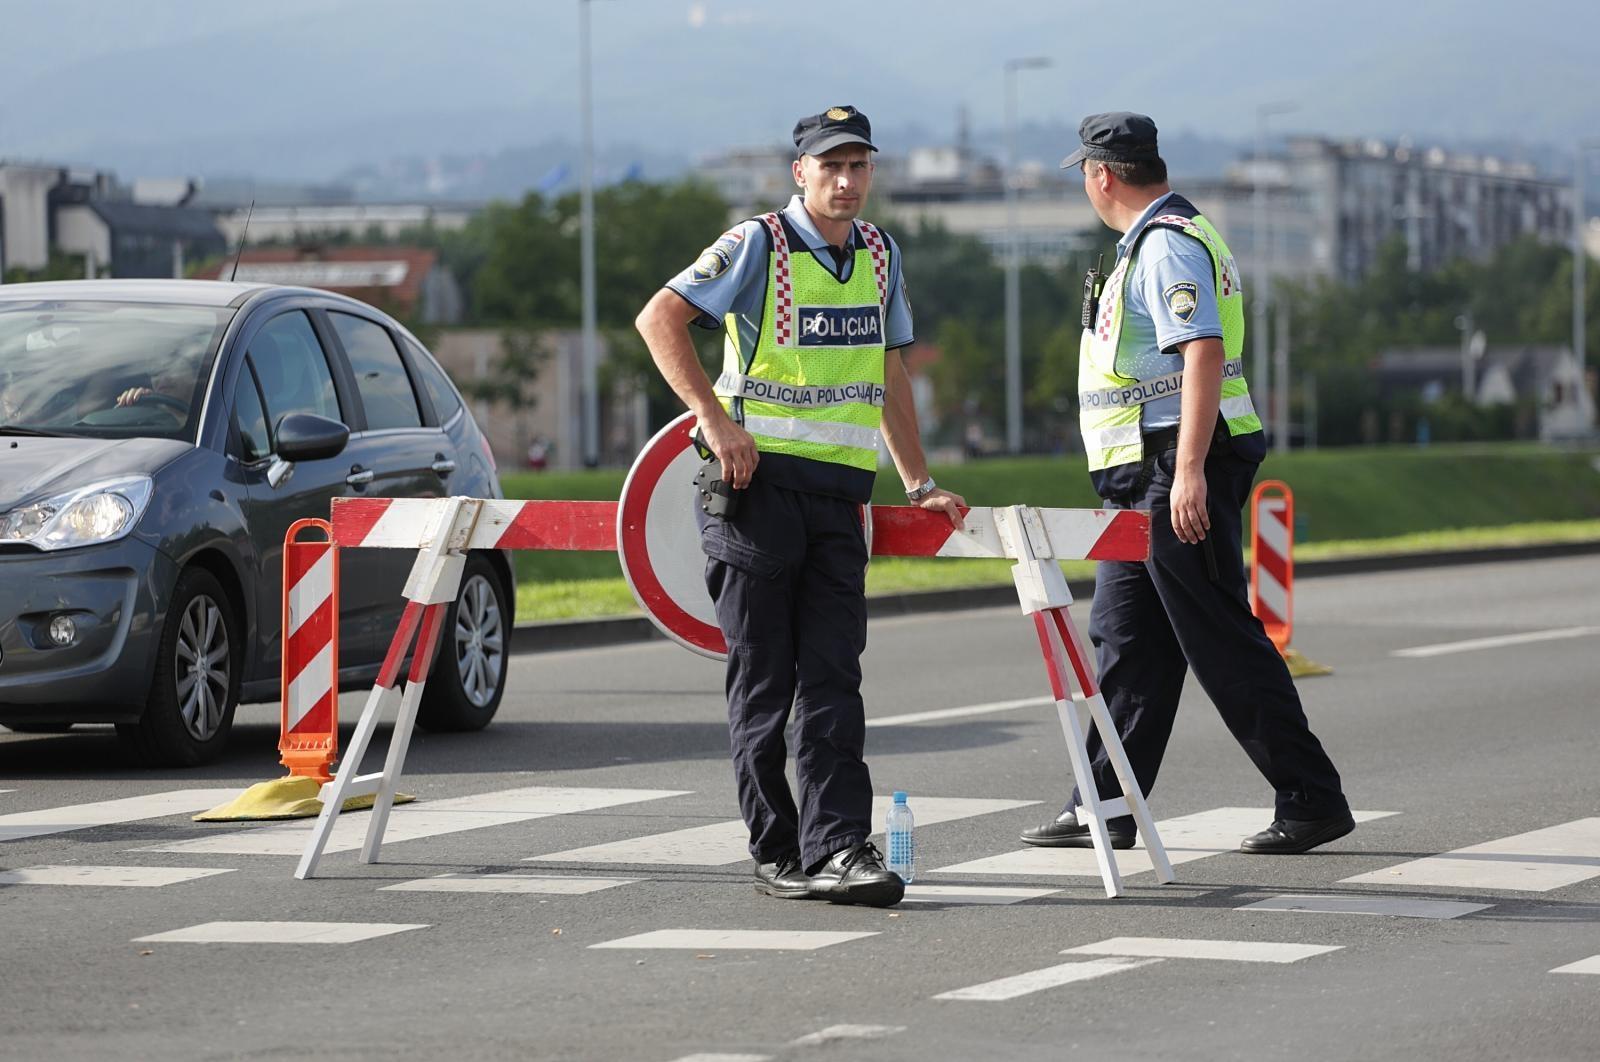 Reorganizacija MUP-a: Materijalna prava policijskih službenika i dalje ista?